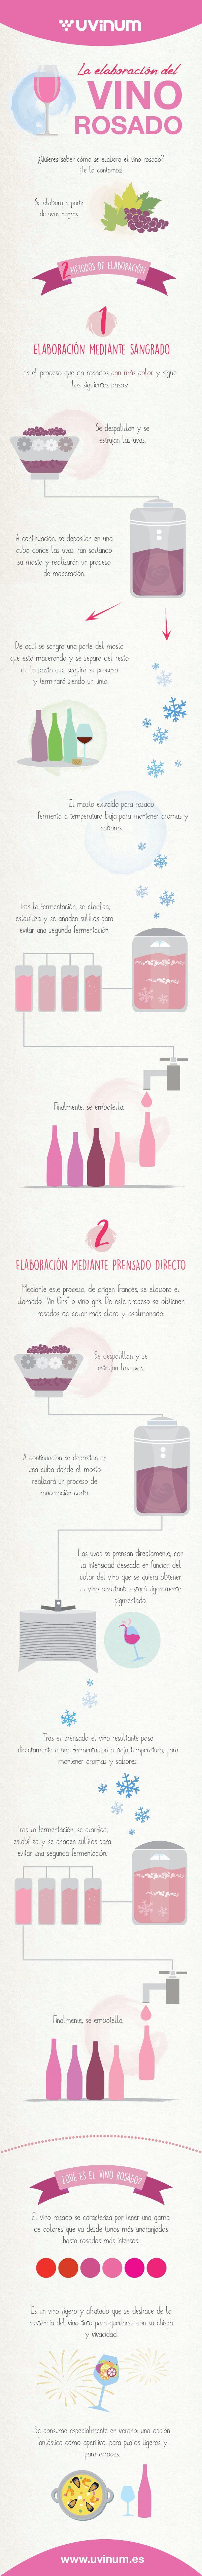 La elaboración del vino rosado